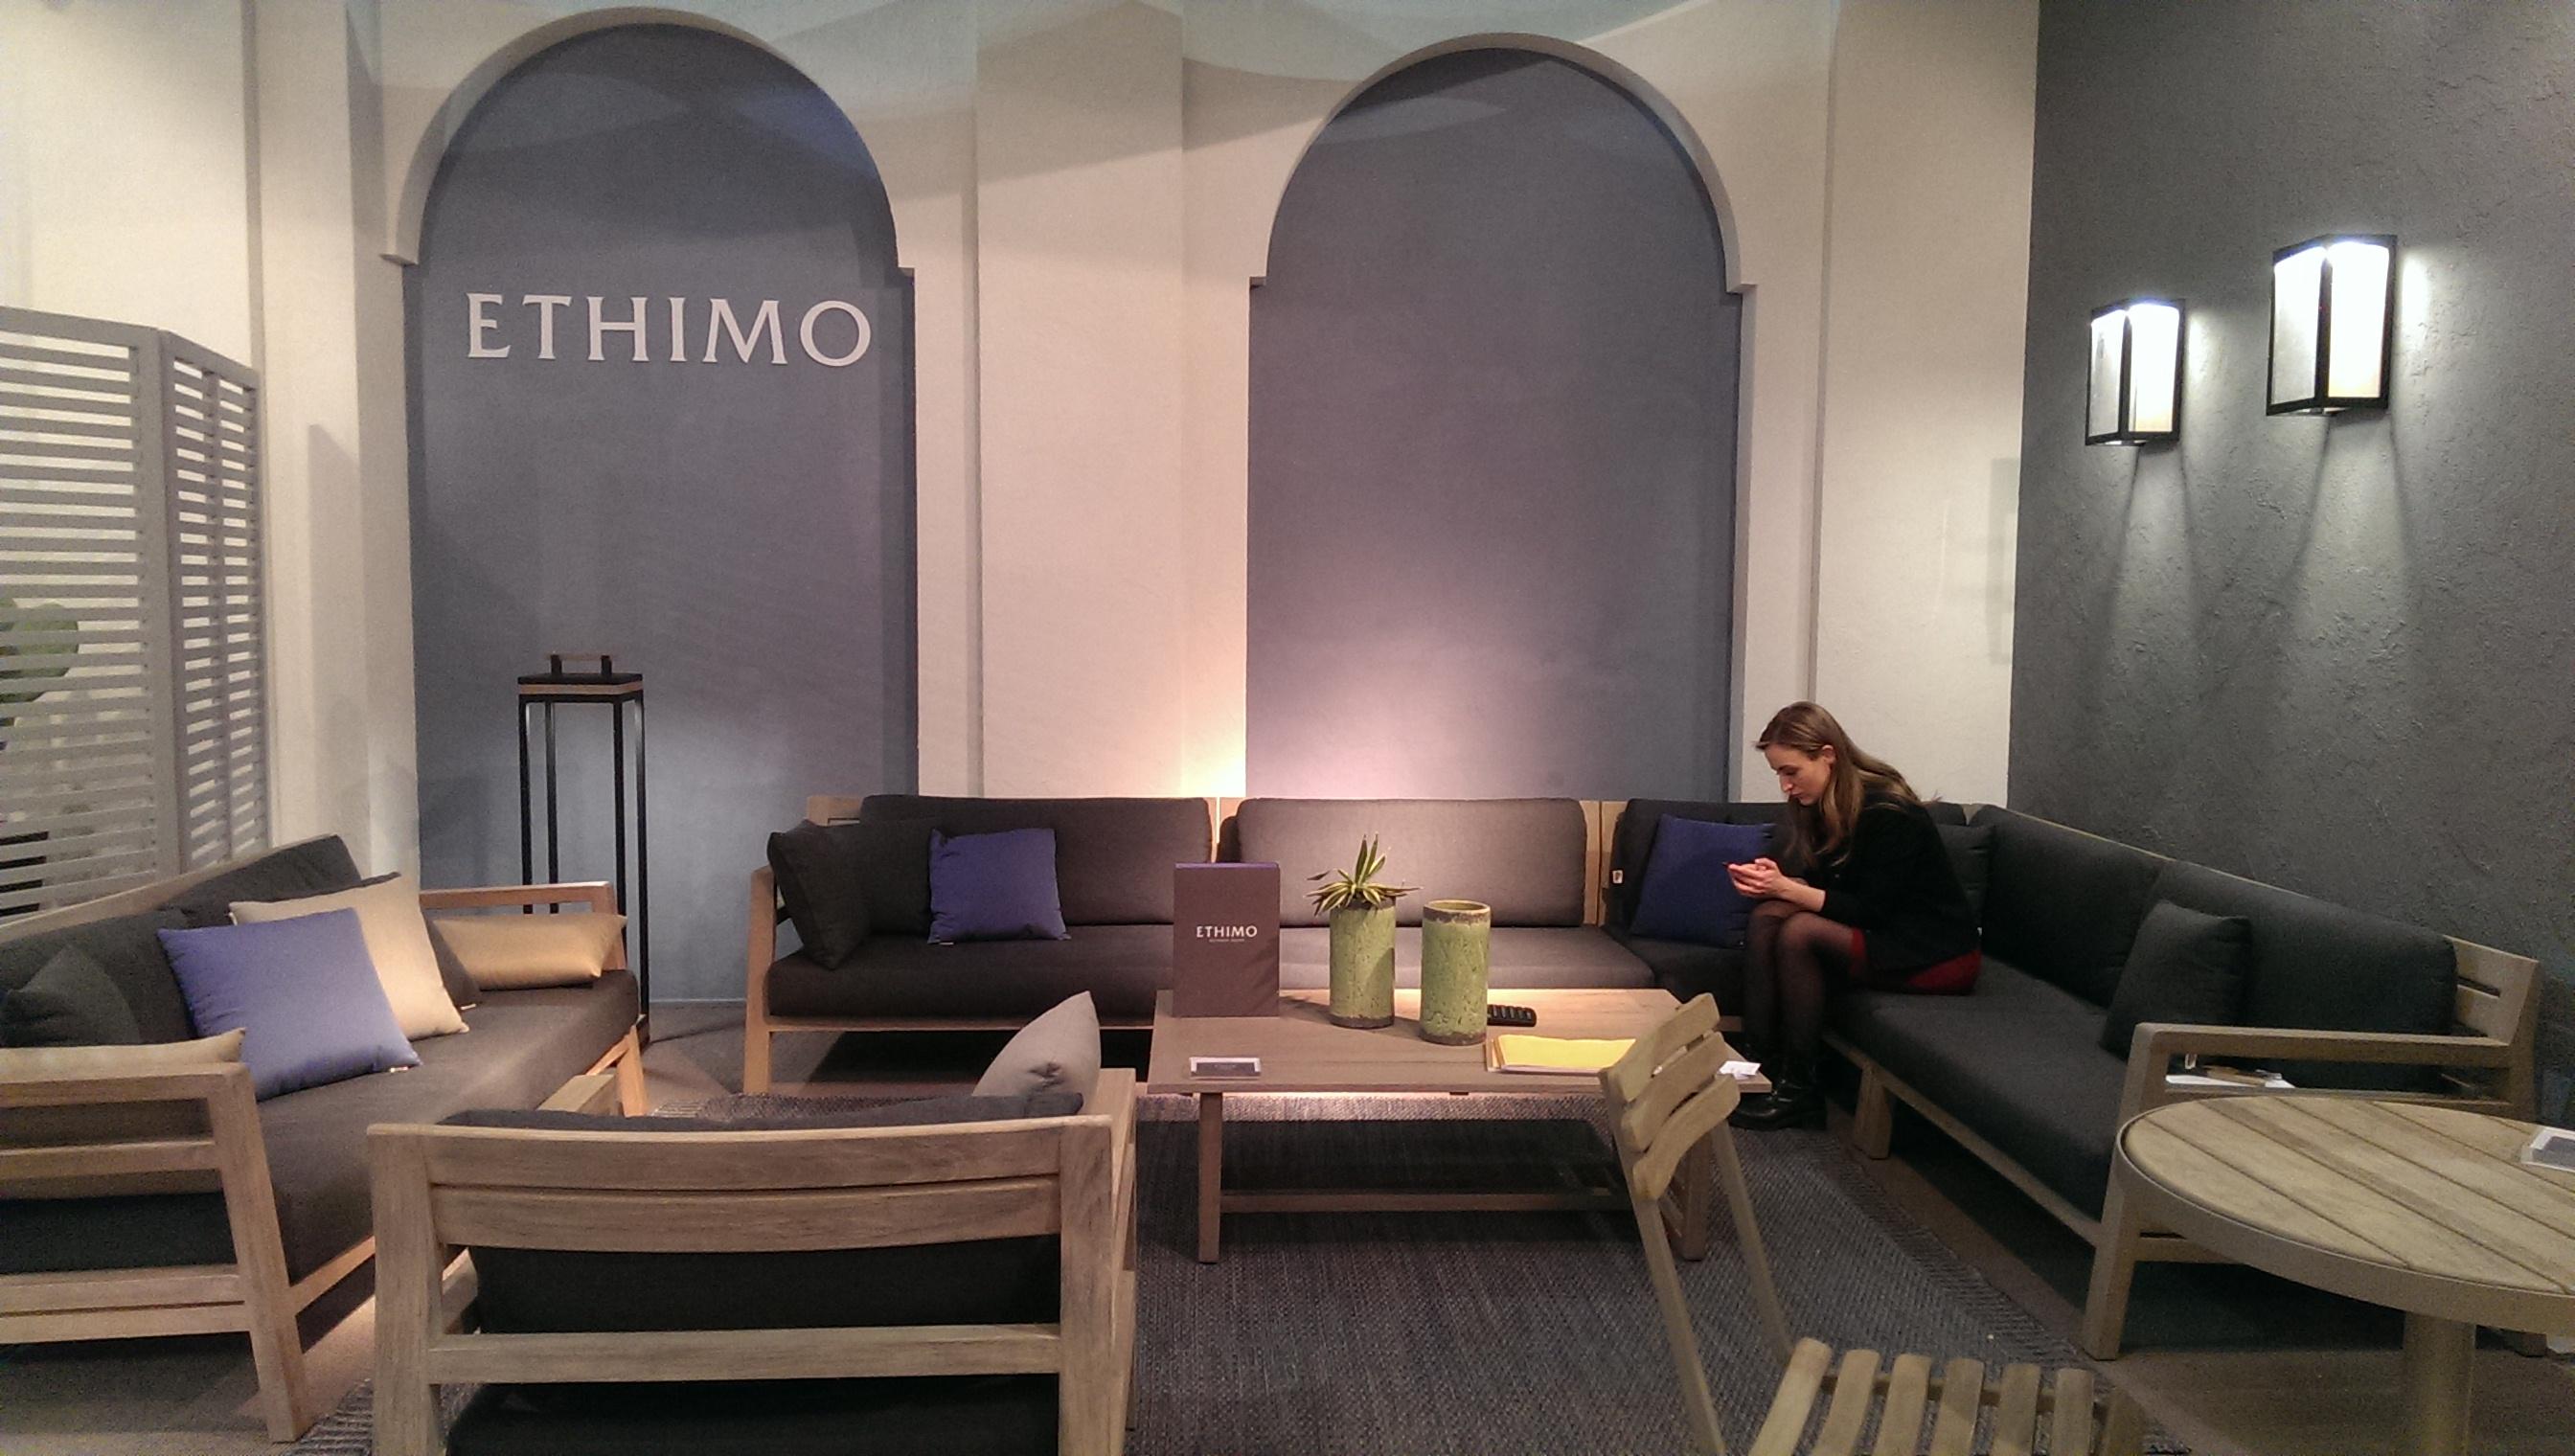 salone del mobile milano design week. Black Bedroom Furniture Sets. Home Design Ideas